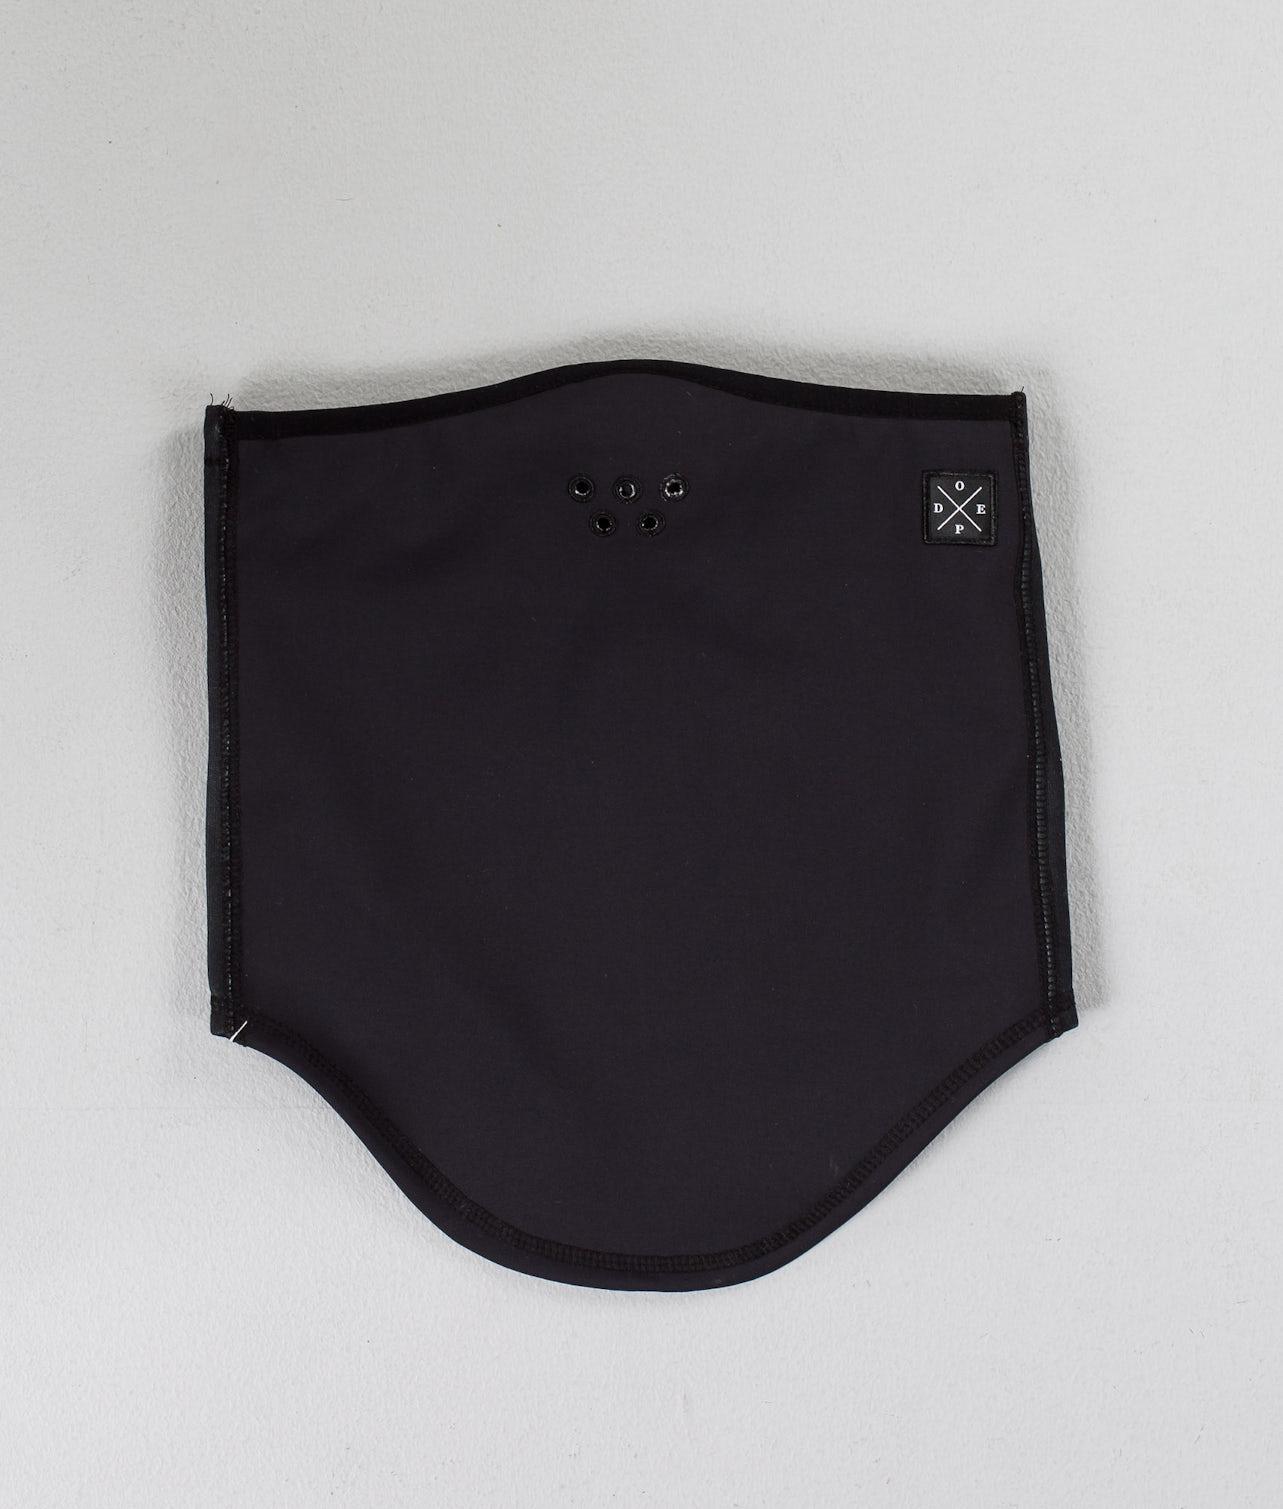 Köp Stanton Ansiktsmask från Dope på Ridestore.se Hos oss har du alltid fri frakt, fri retur och 30 dagar öppet köp!